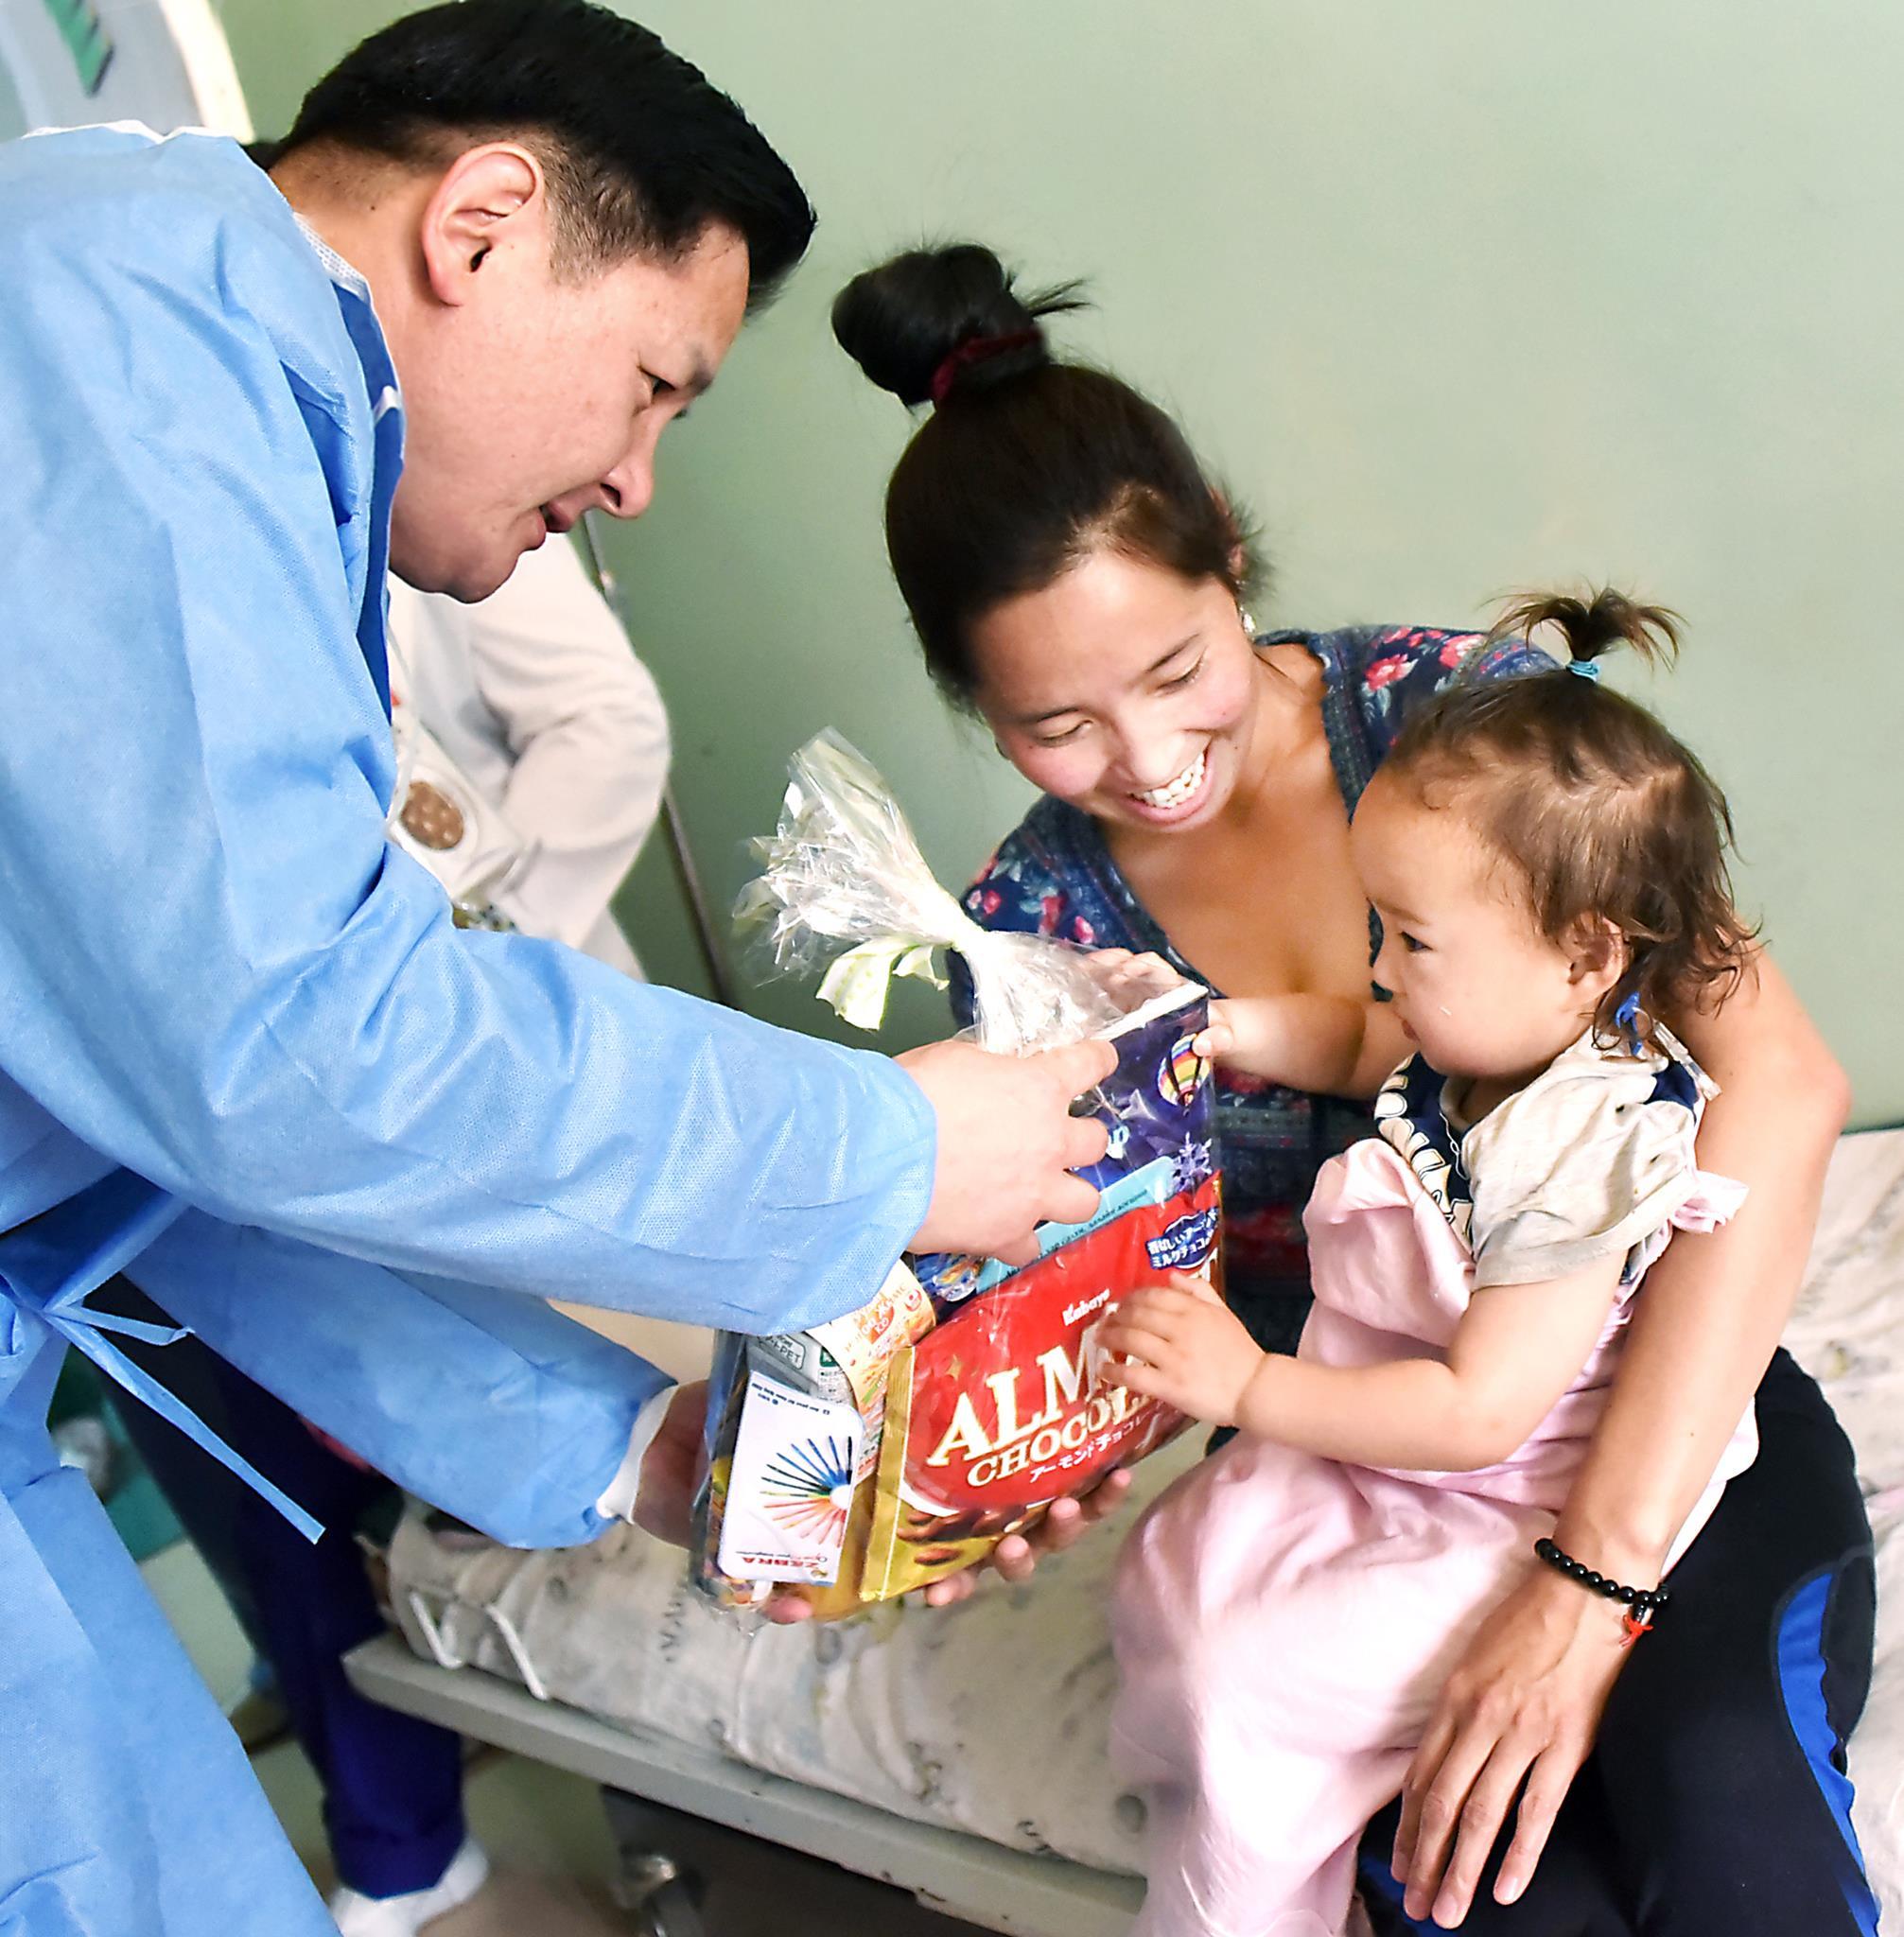 Ерөнхий сайд ГССҮТ-д хэвтэн эмчлүүлж буй хүүхдүүдэд гарын бэлгээ илгээлээ